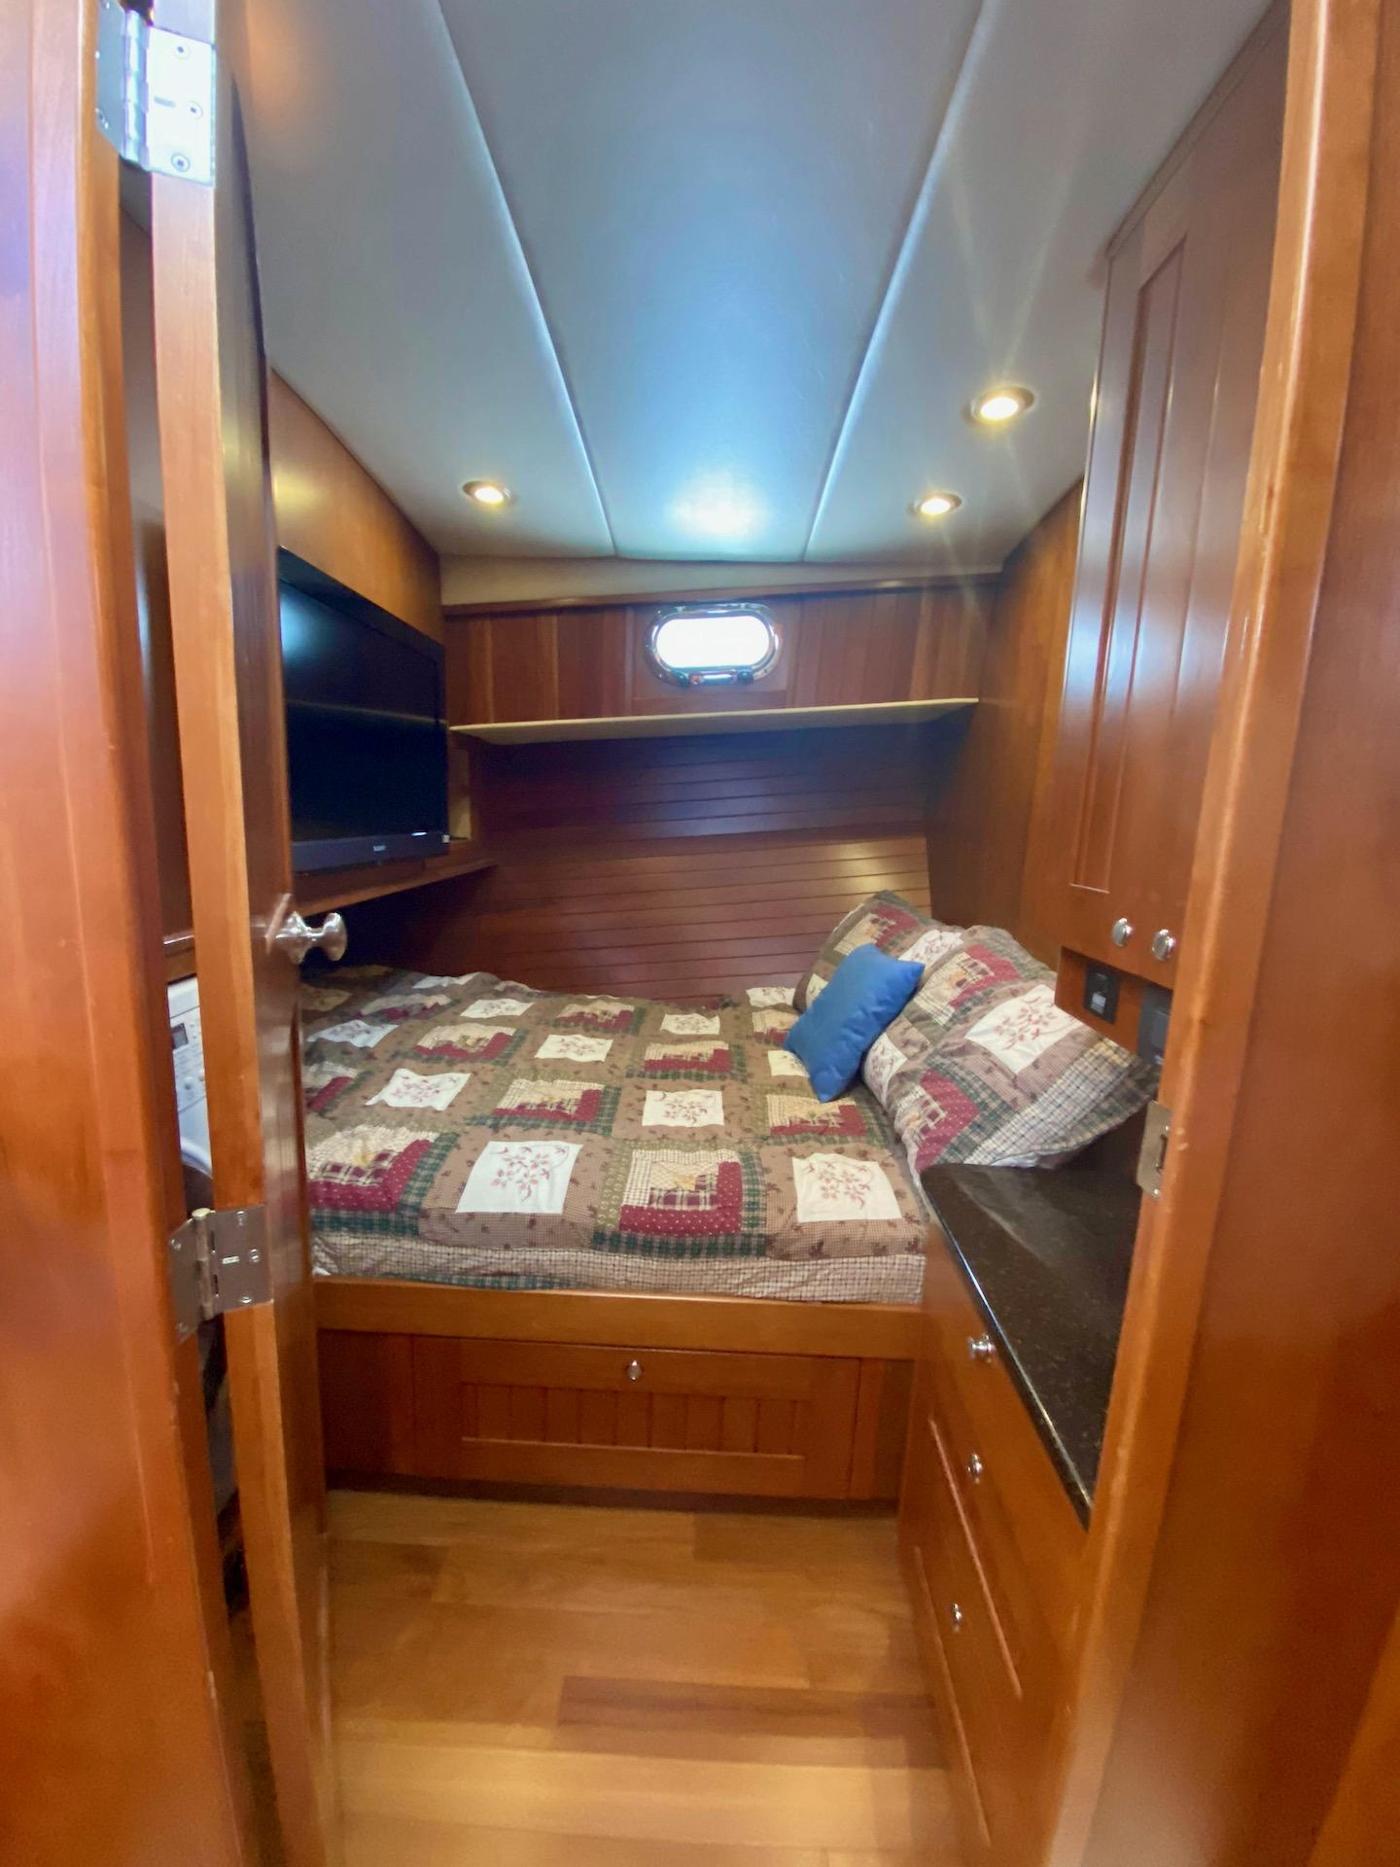 2010 Bracewell 41, Guest Cabin 3